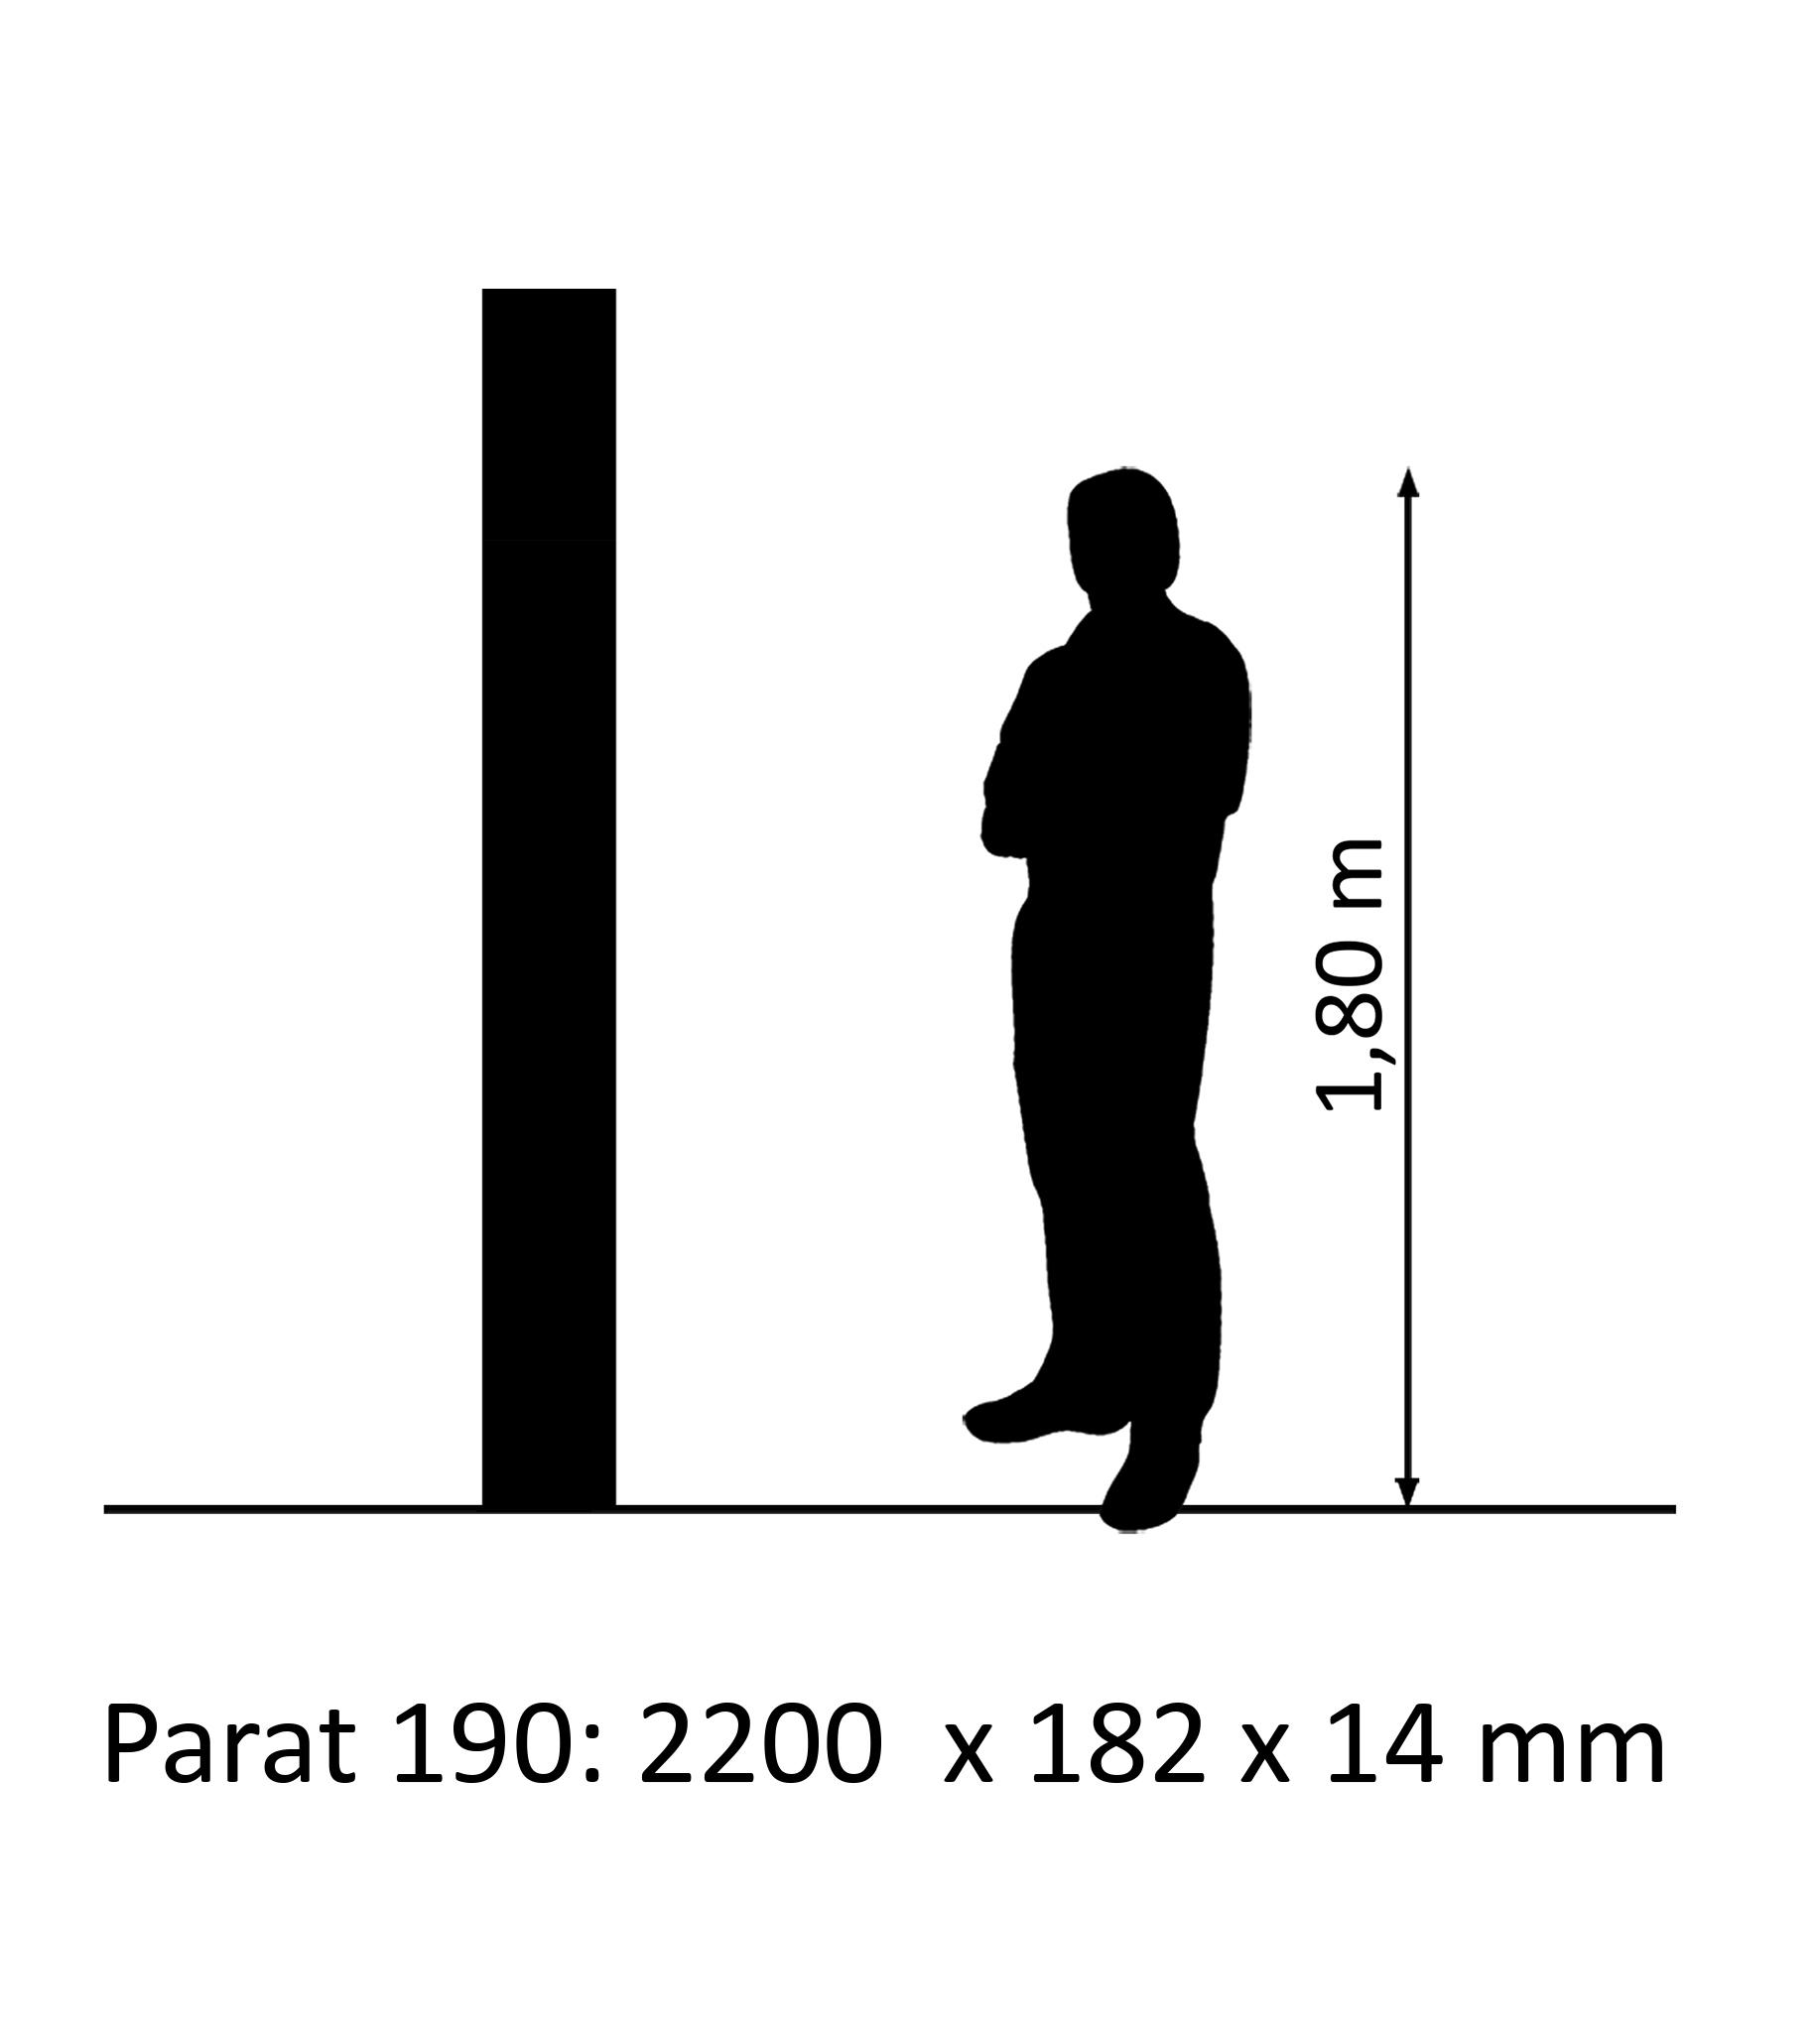 PARAT 190 Eiche Avantgard SB geölt 14mm